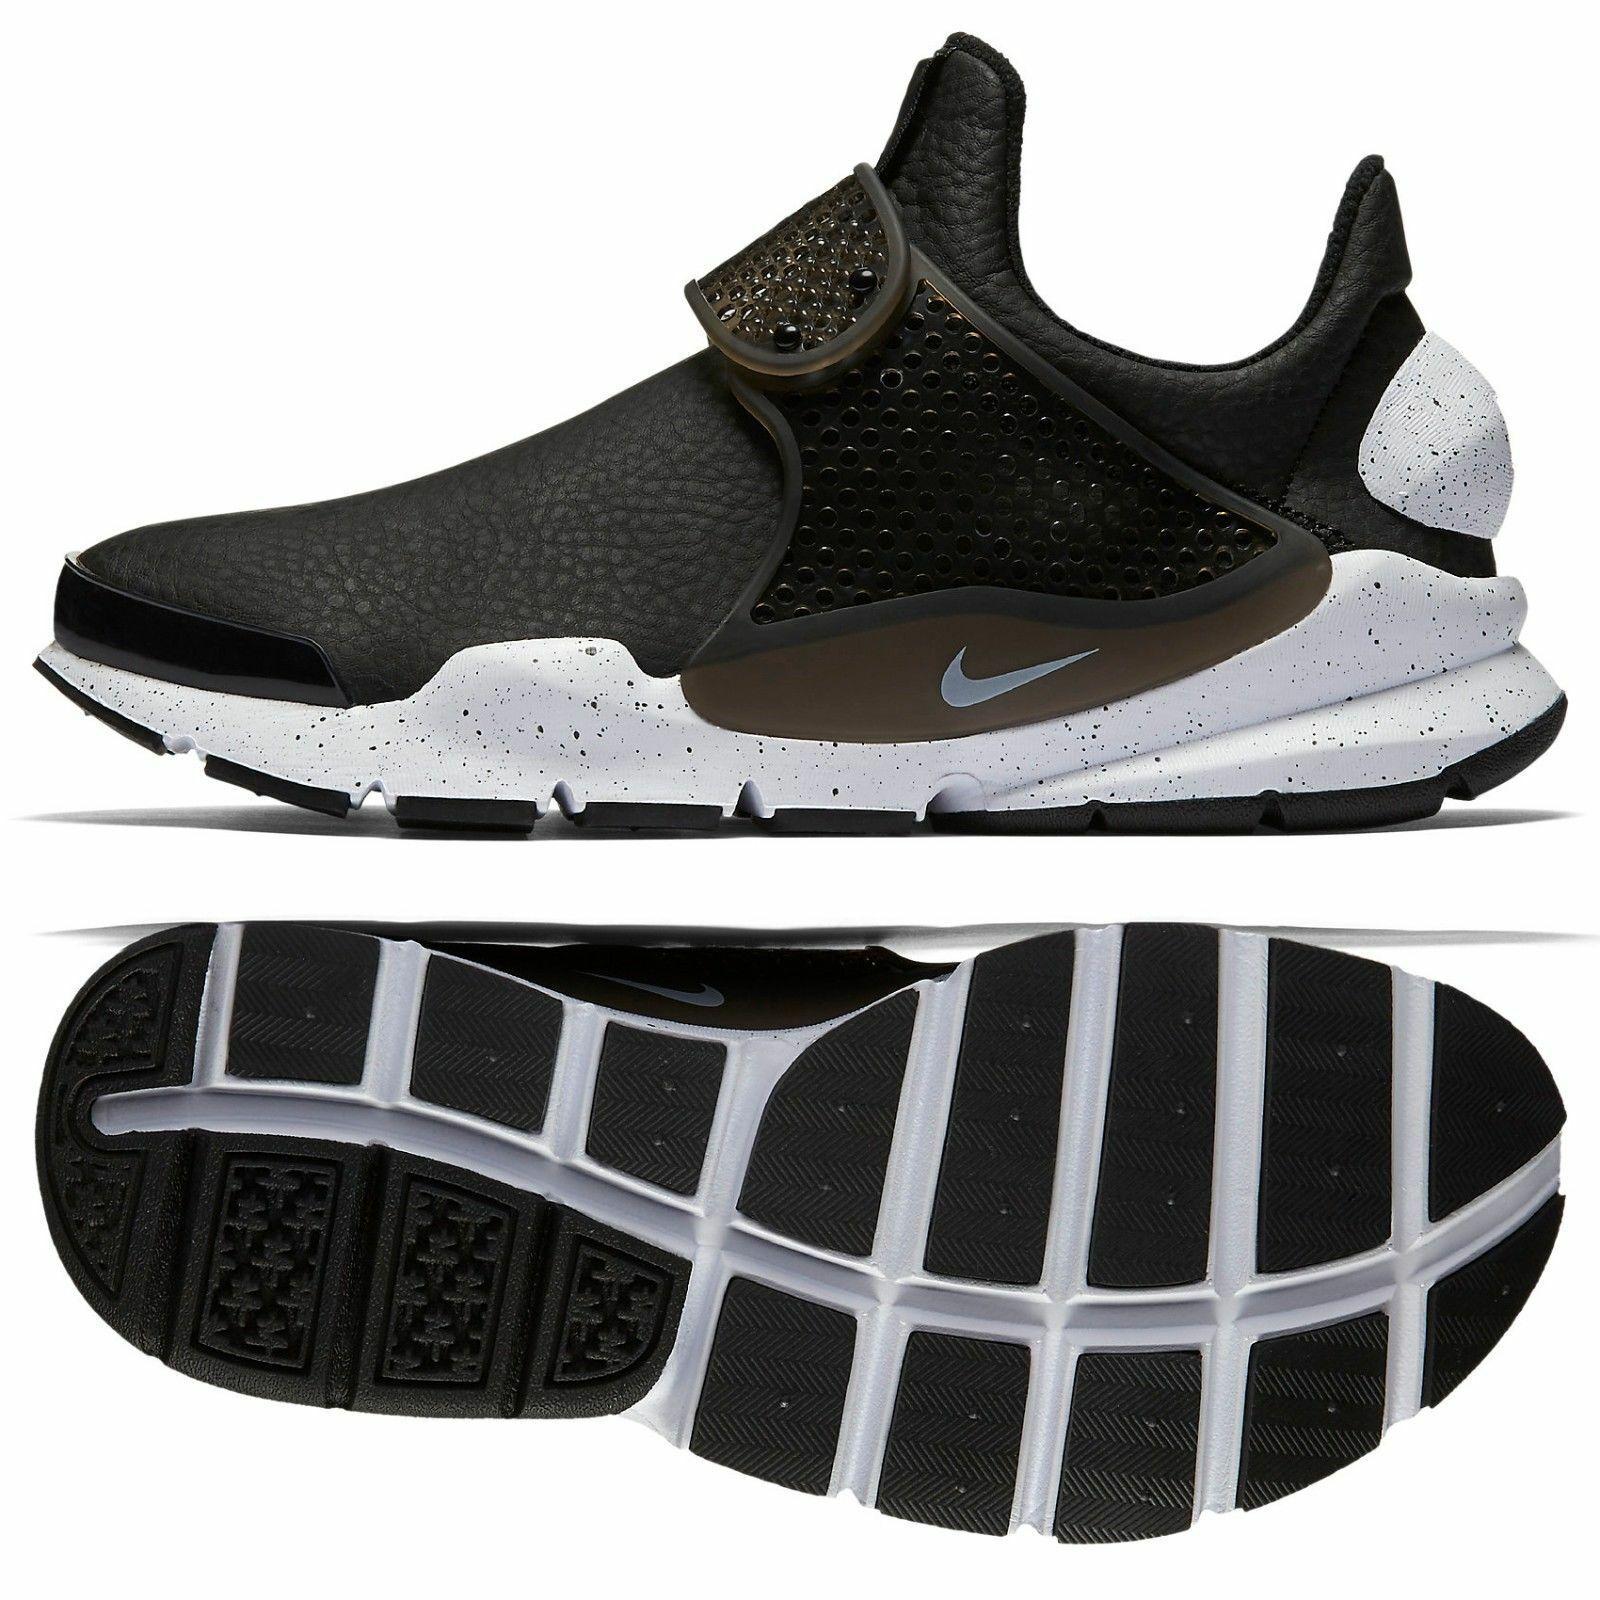 9bca10405 Nike Sock Dart Premium Women s Running Sneakers Sneakers Sneakers Black  White 881186-001 New w